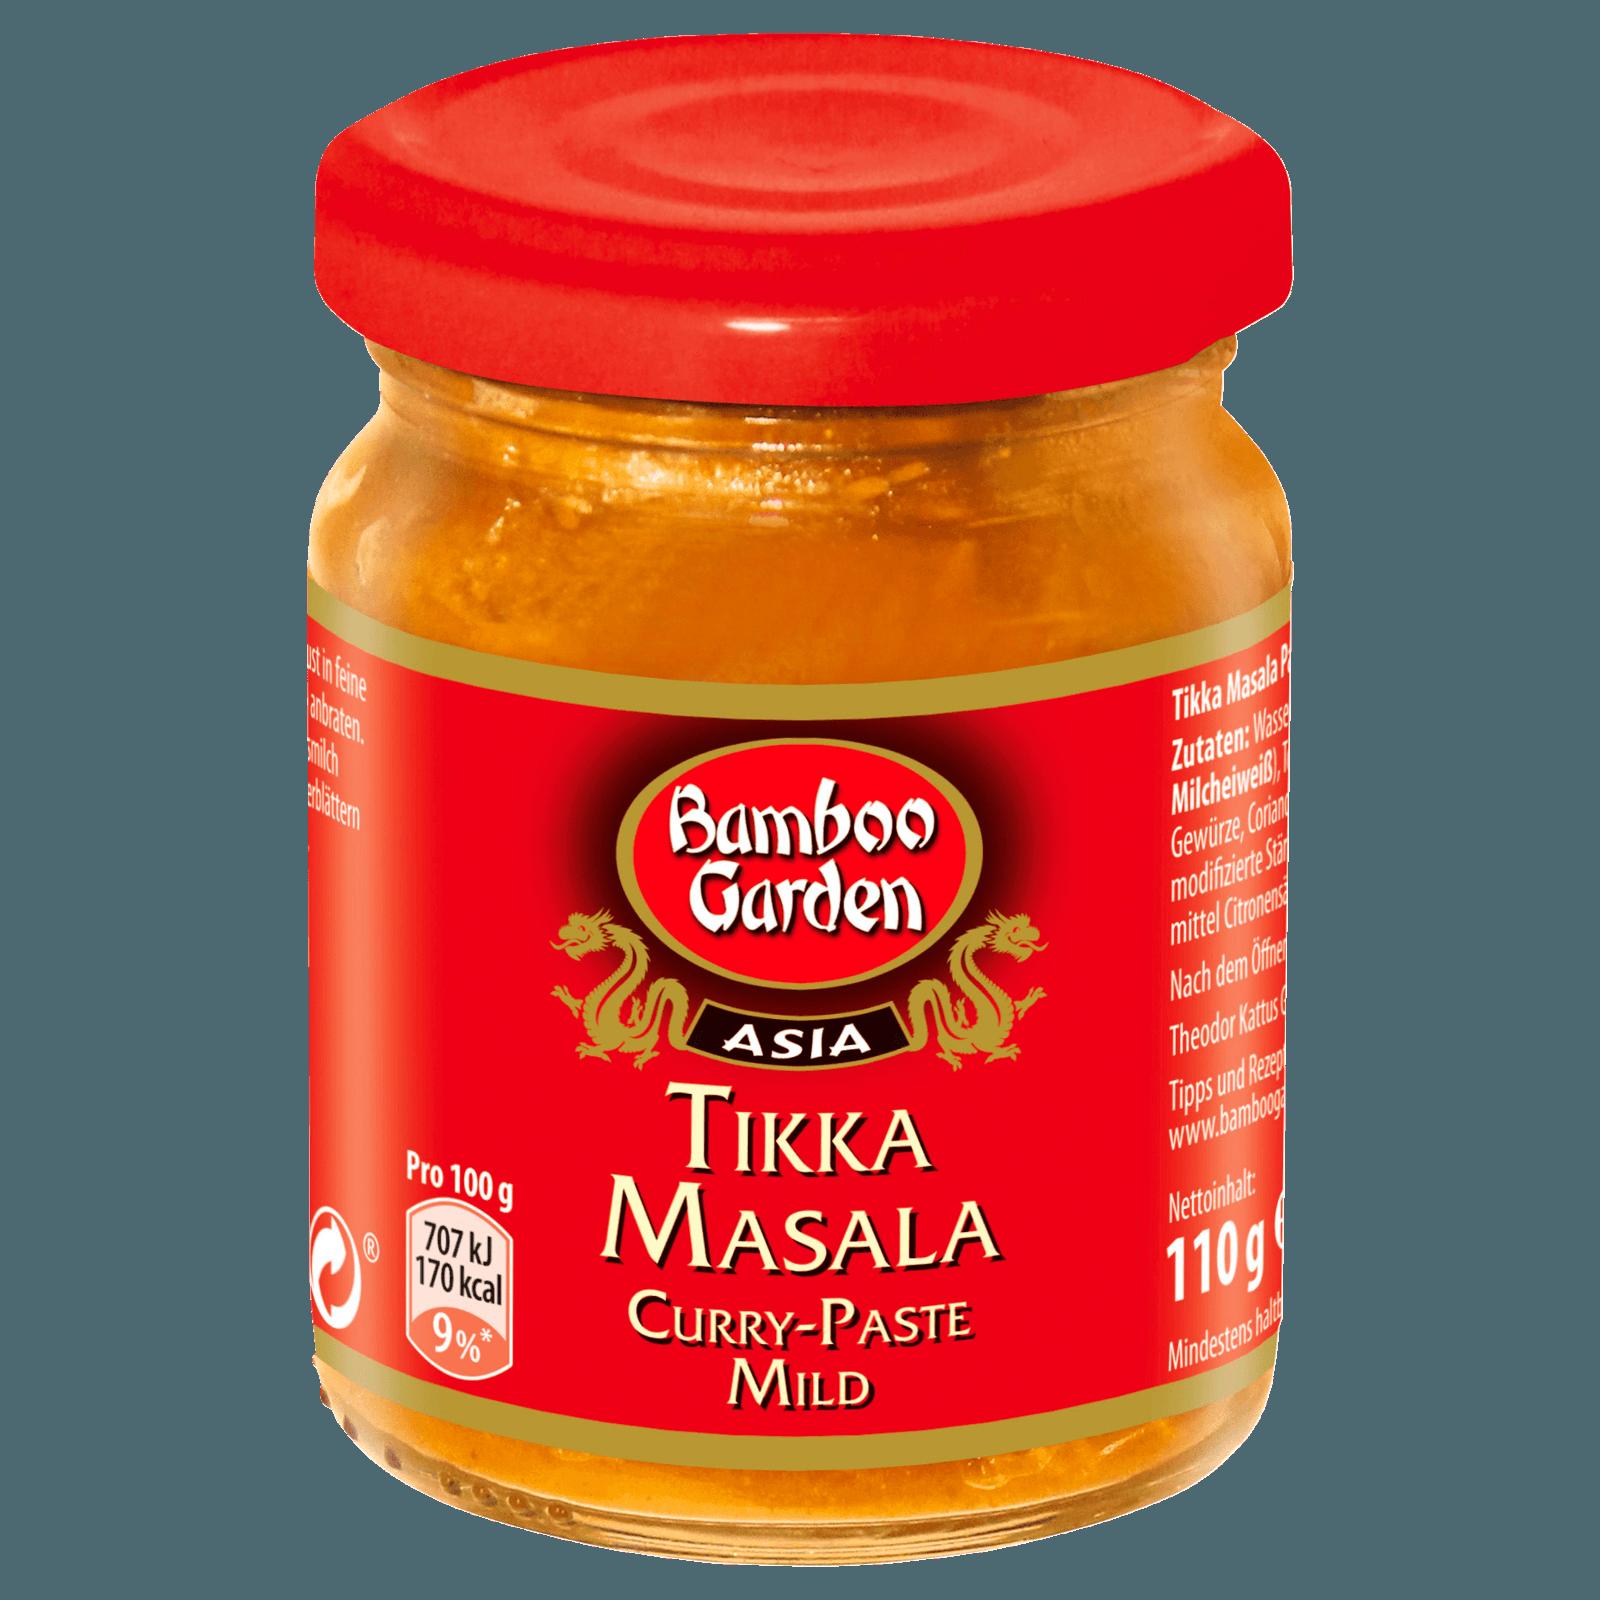 Bamboo Garden Curry-Paste mild Tikka Masal 110g bei REWE online ...